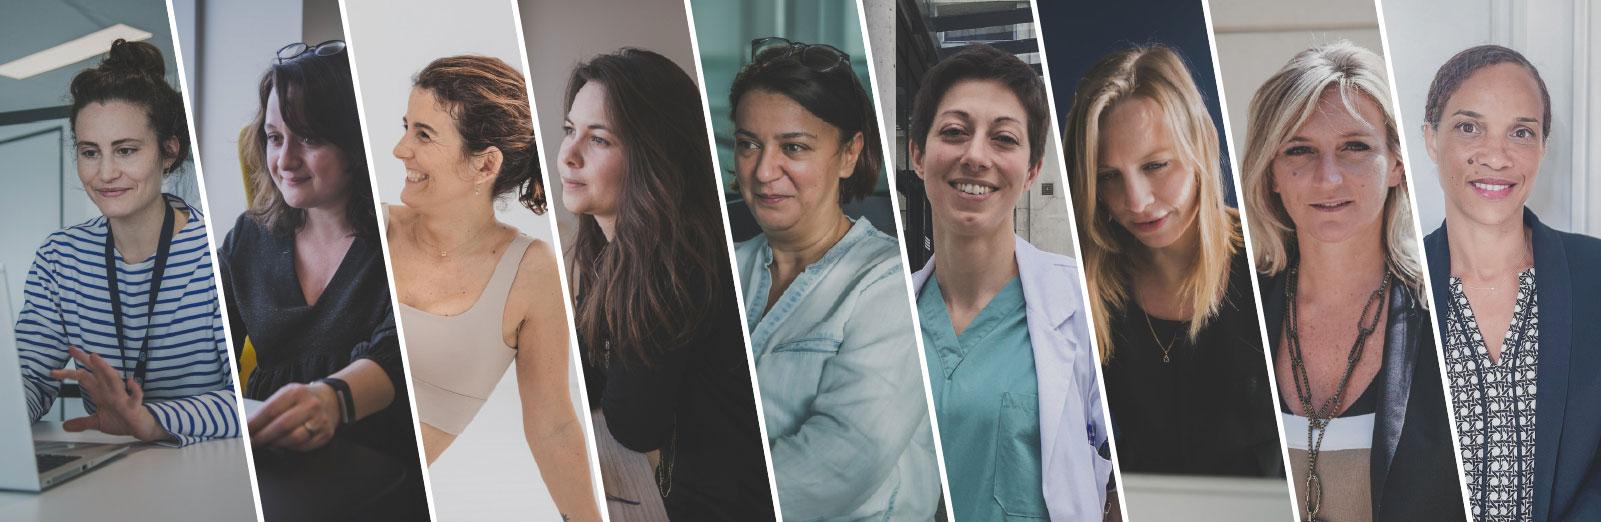 Parcours de femmes : nos collaboratrices et alumni se racontentParcours de femmes : nos collaboratrices et alumni se racontent